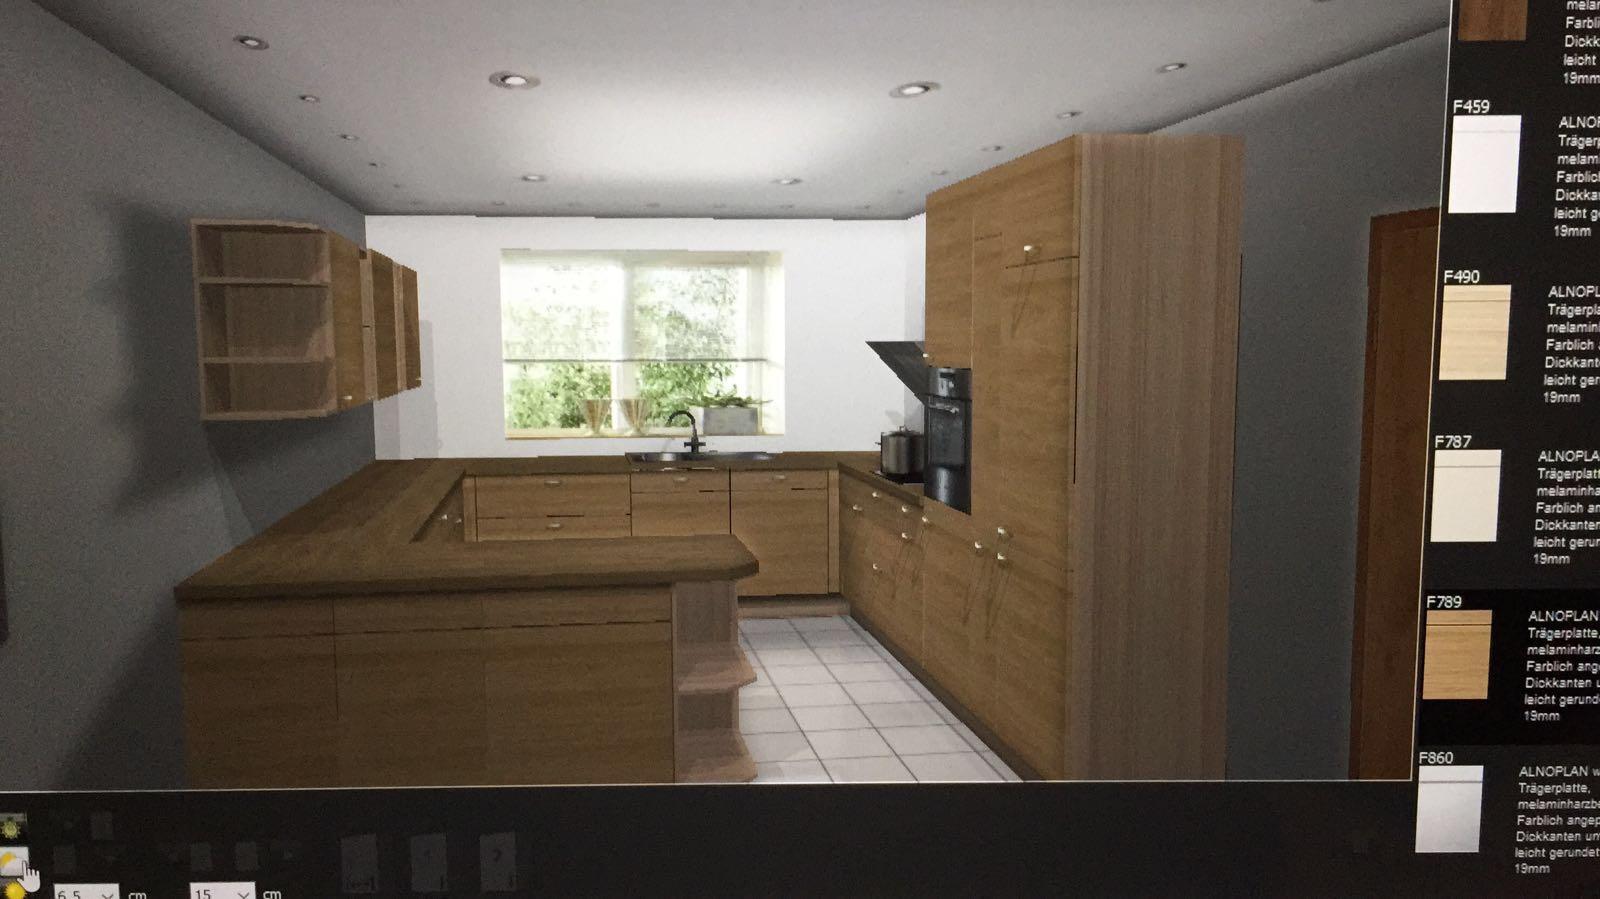 Geräumig Küchen Brilon Dekoration Von Nach Etwa 3 Stunden Rundgang, Aussuchen Der